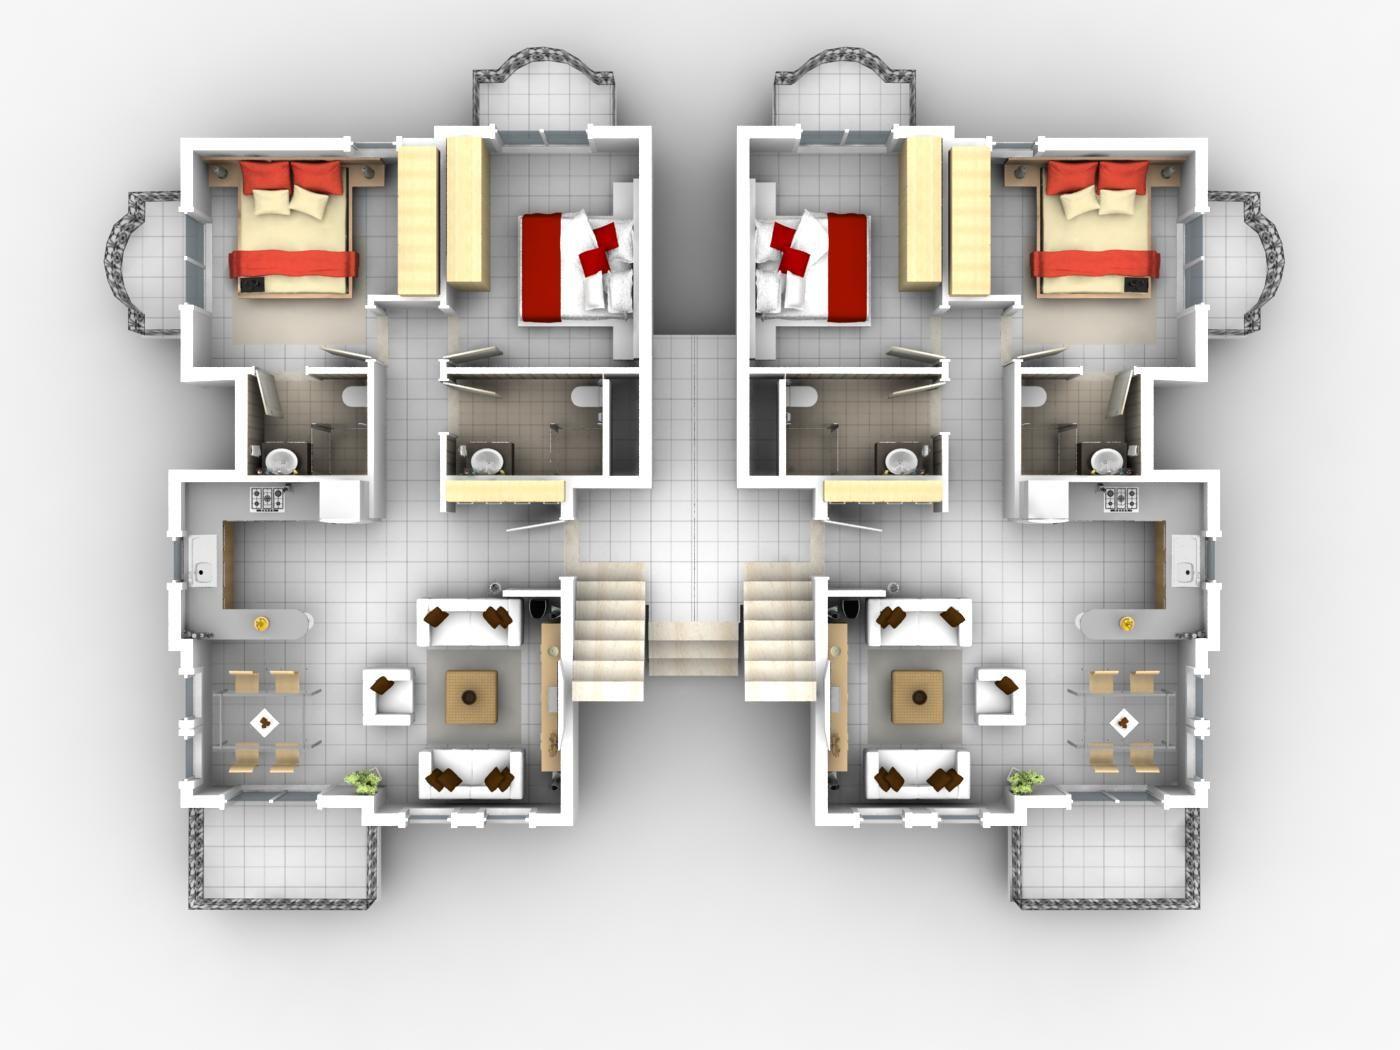 Architecture Rome Apartments Floor Plans